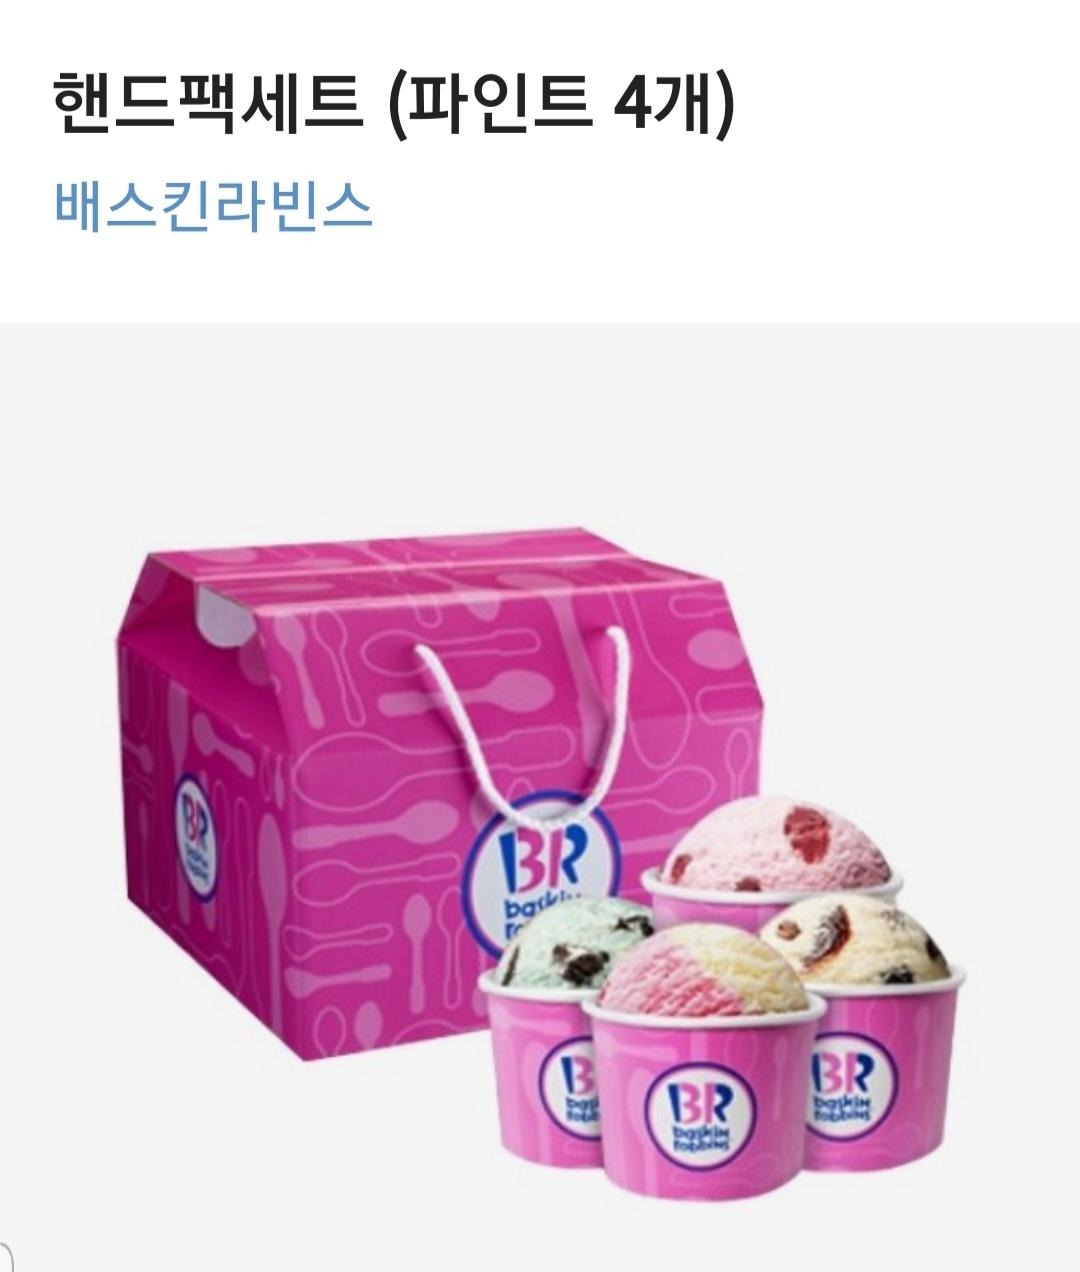 아이스크림 교환권